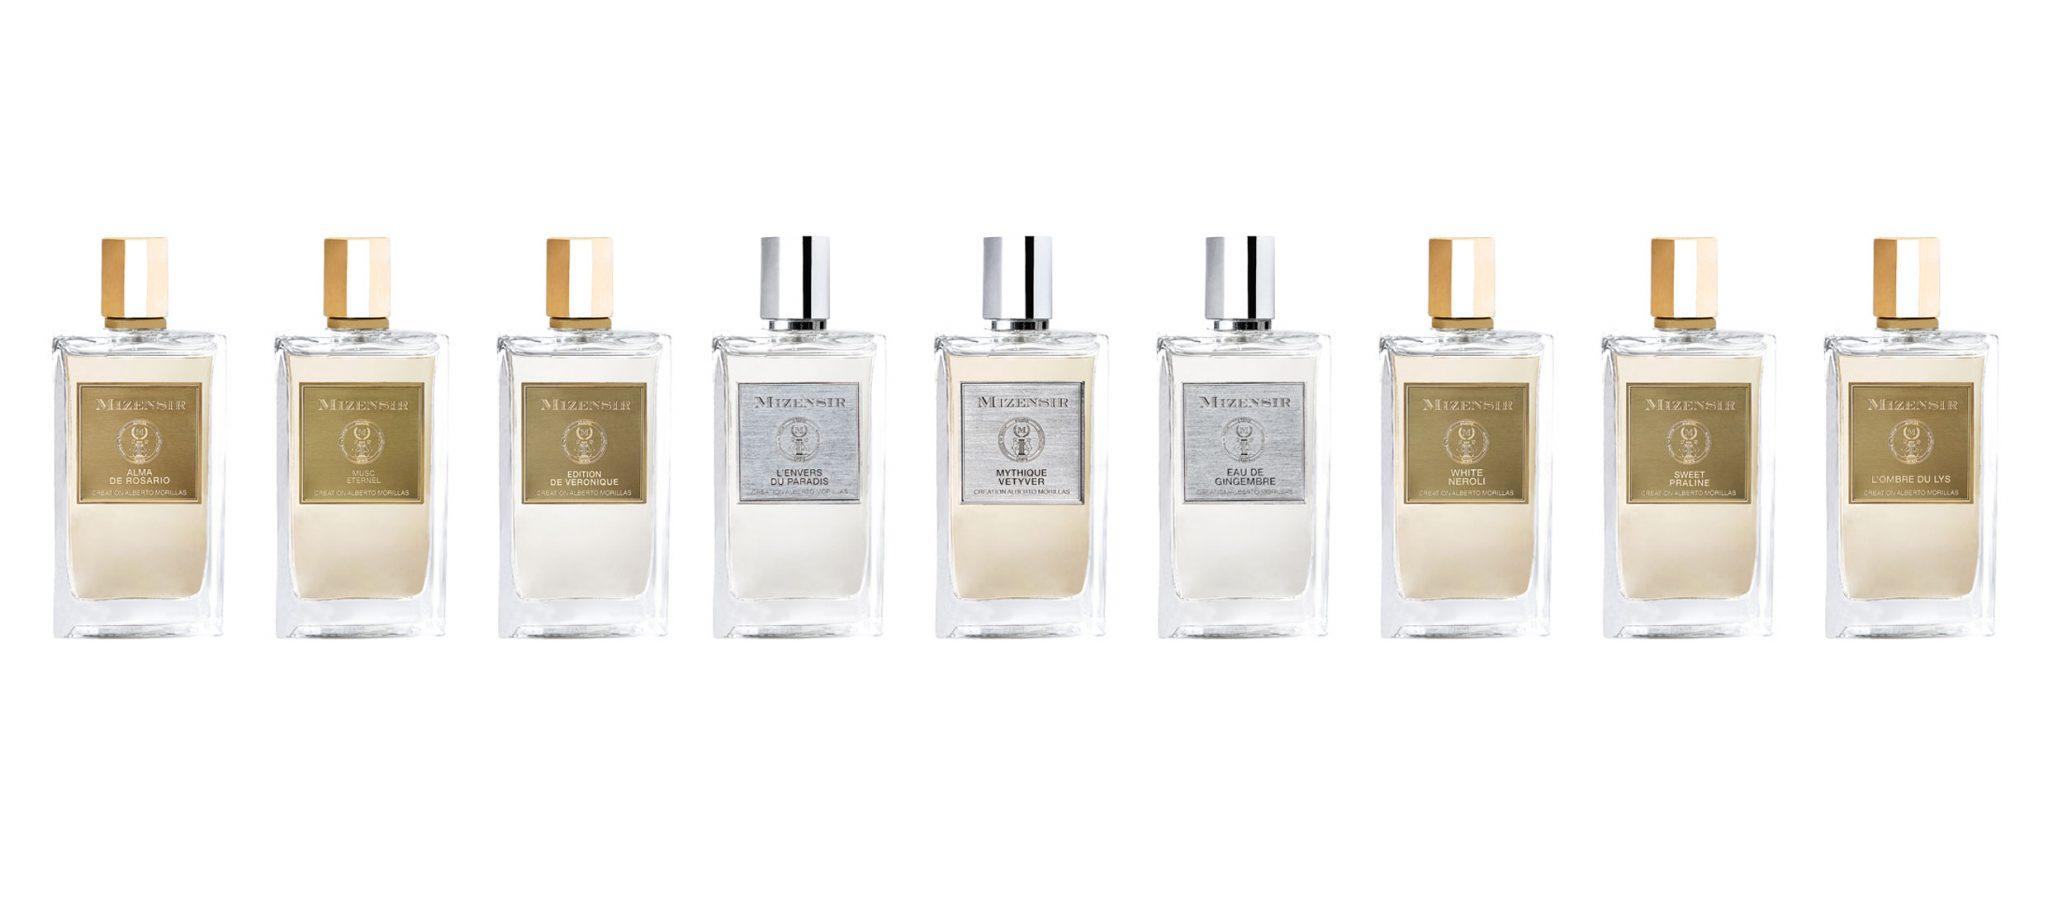 mizensir-parfum-sweet-praline-alberto-morillas-2016